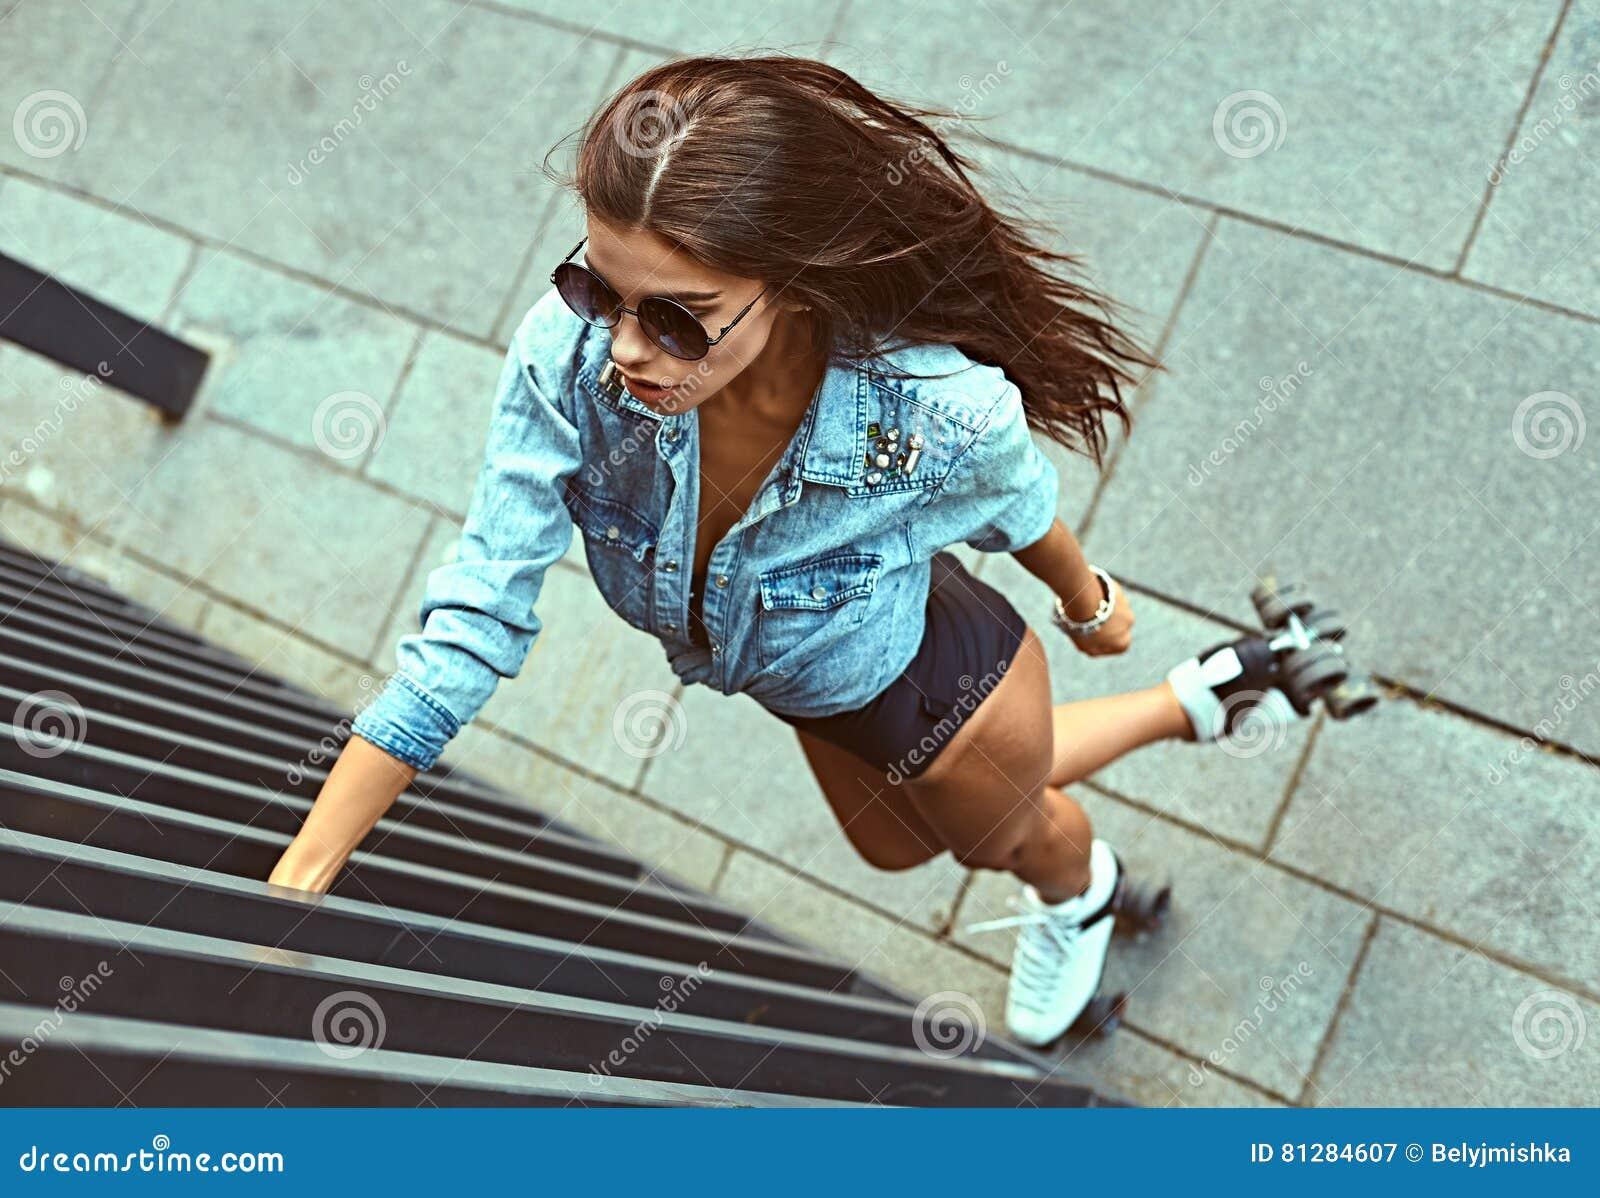 Full längd av lyckligt åka skridskor för rulle för ung kvinna